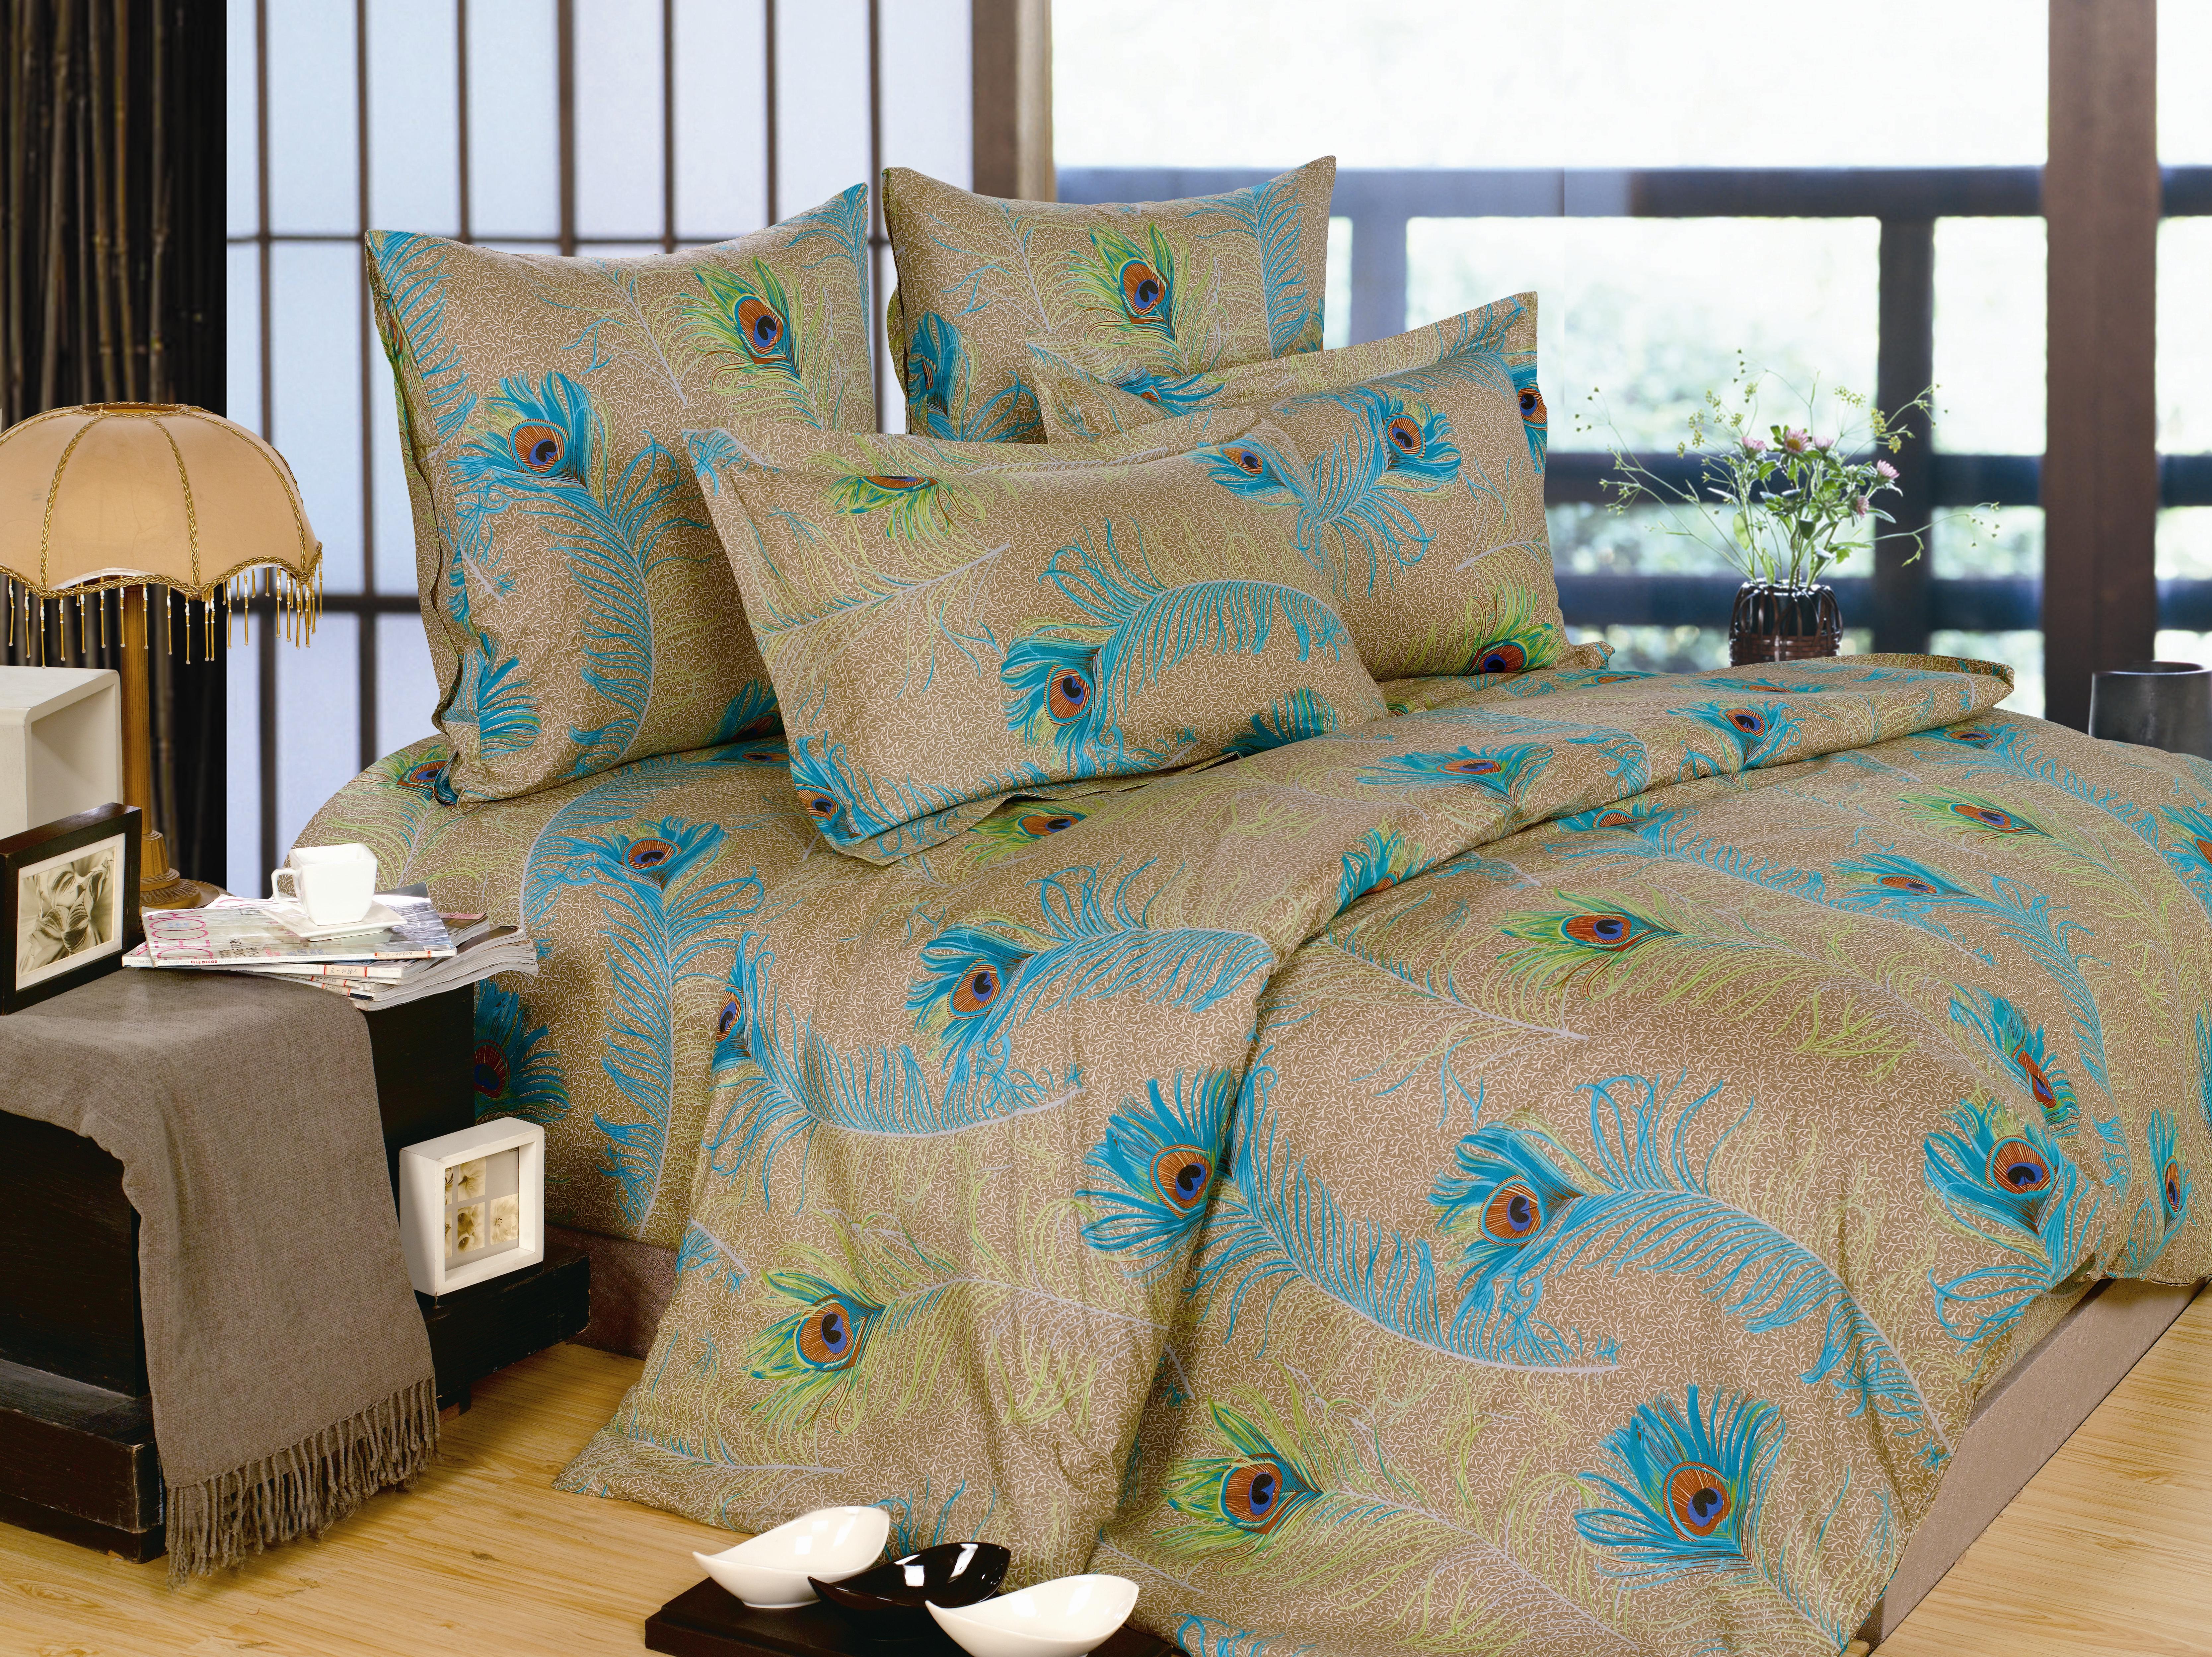 Купить Комплекты постельного белья СайлиД, Постельное белье Kayley А/s-144 (2 сп.), Китай, Бежевый, Поплин